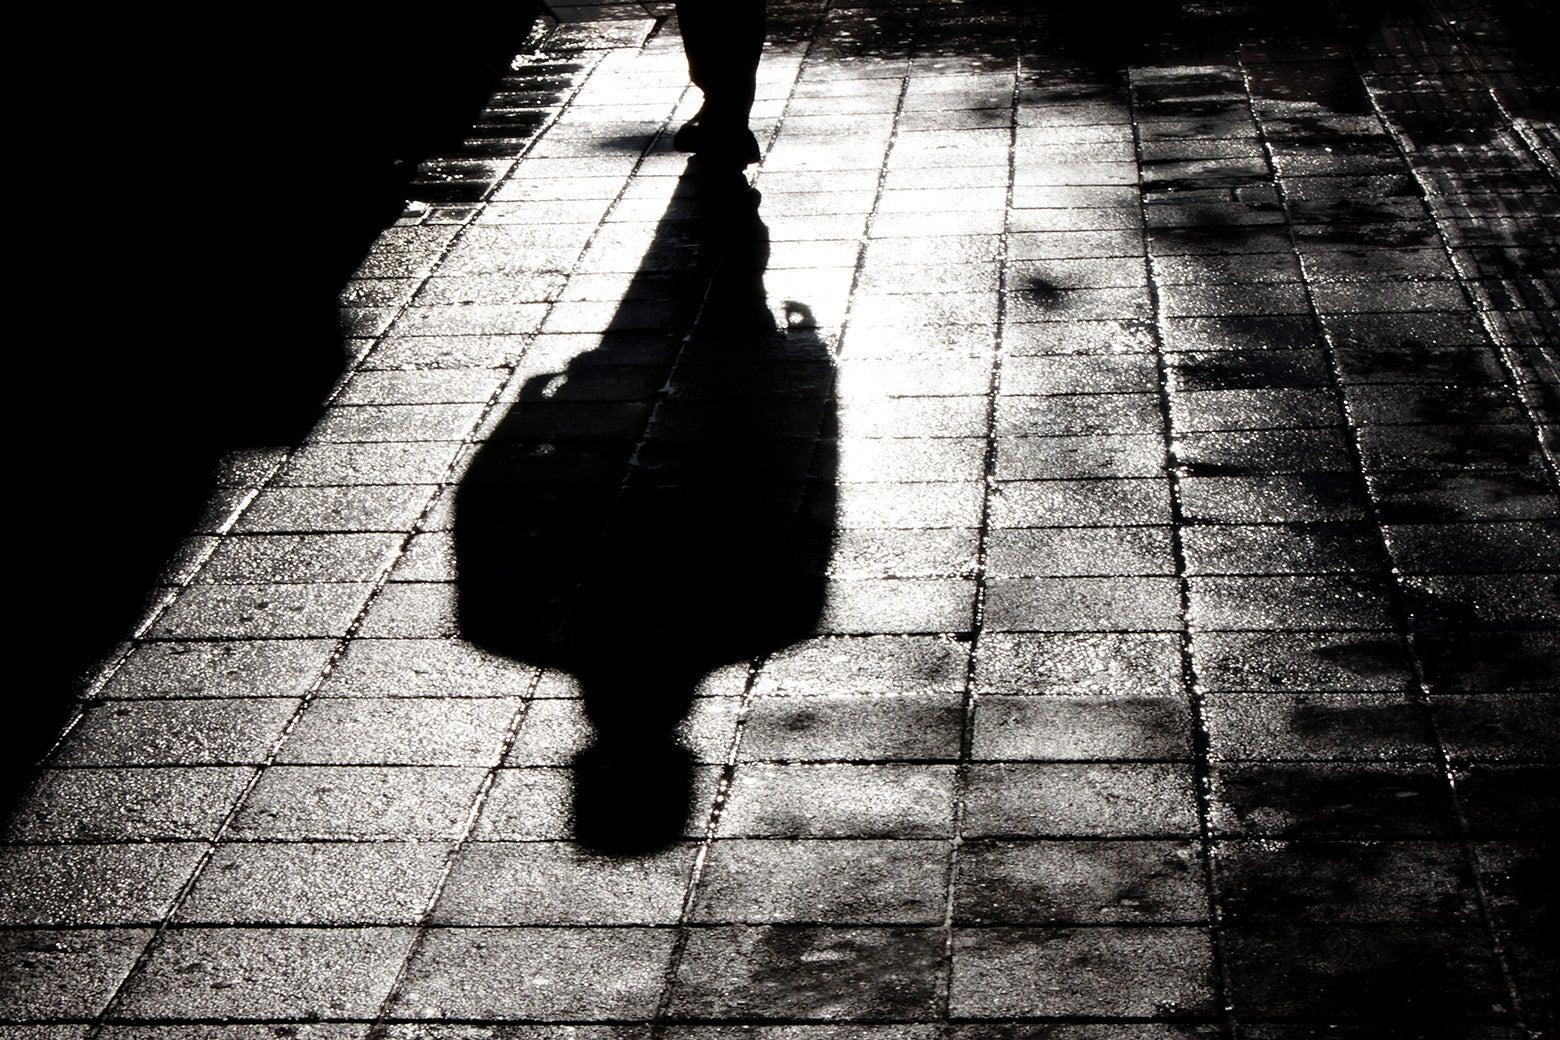 Shadow of a man walking down a dark street.